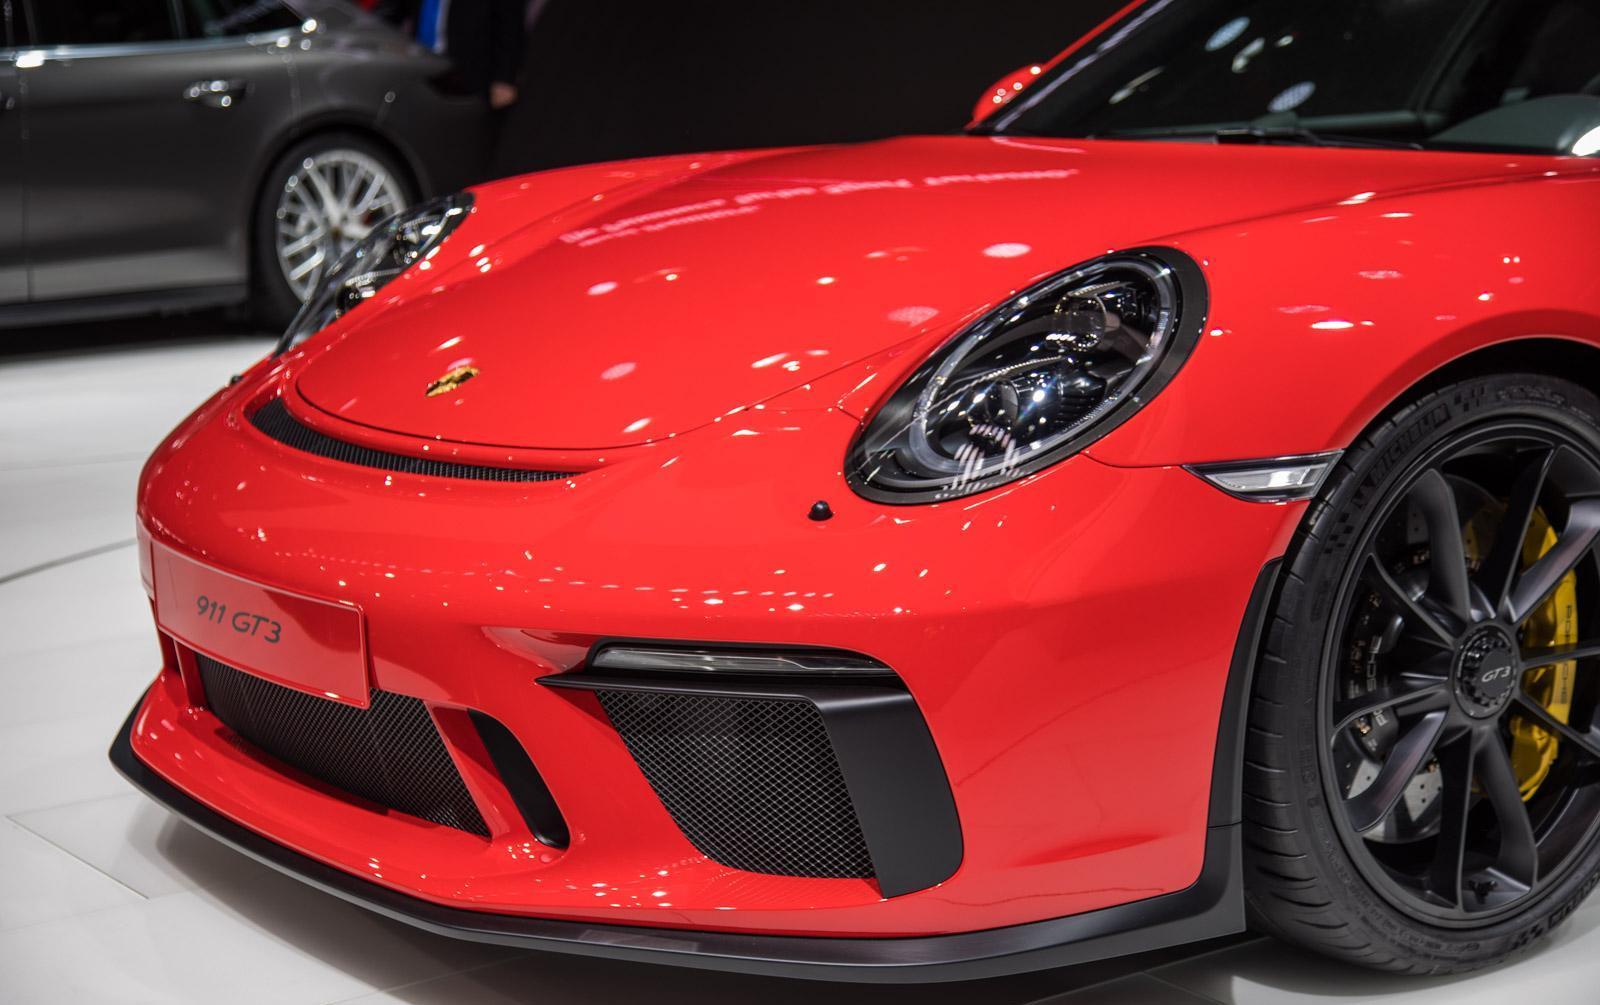 Porsche-911-gt3-facelift-007